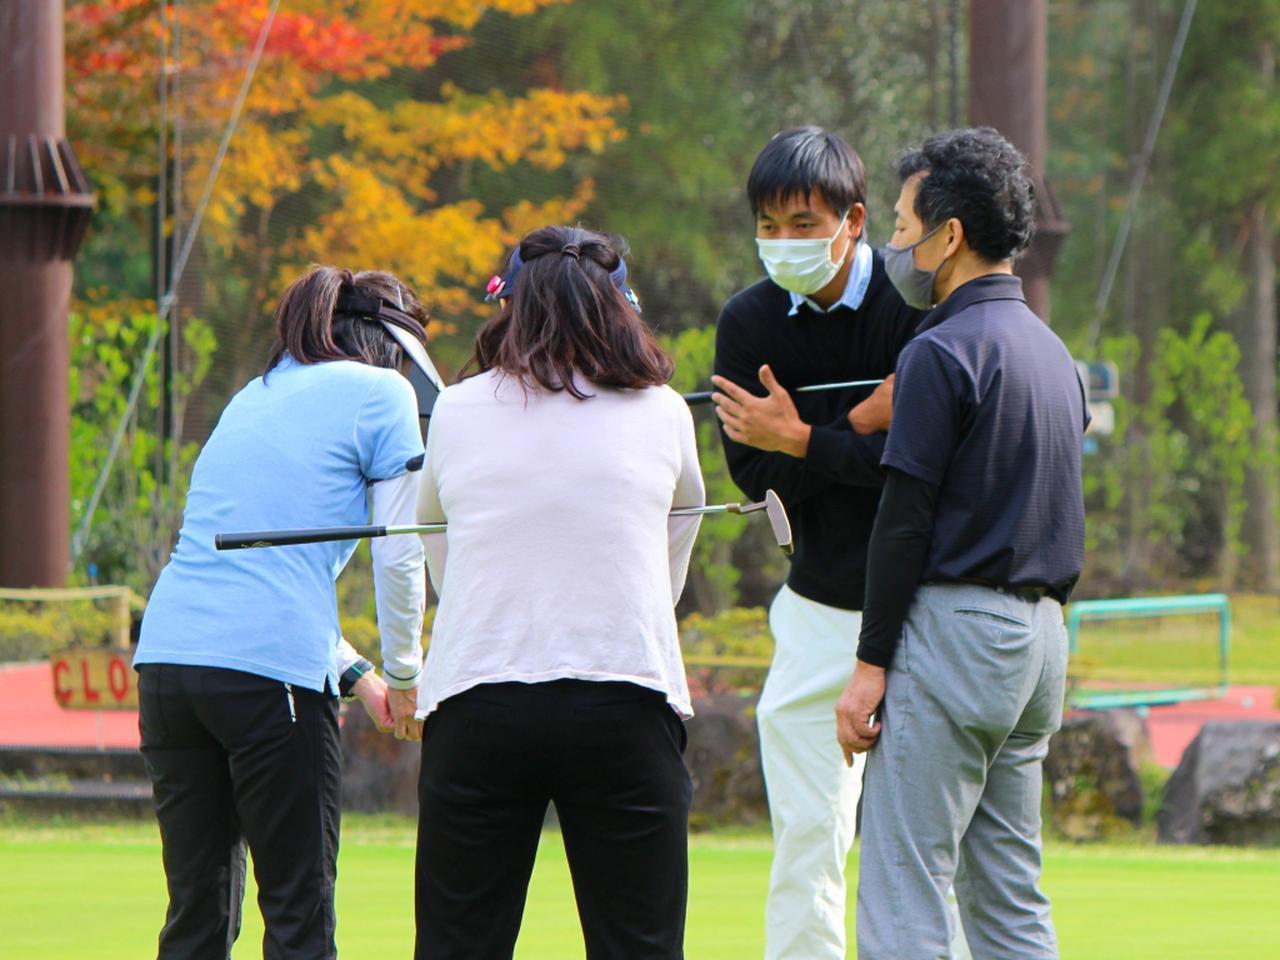 画像: この日のレッスン担当は金子さん。和気あいあいとしながらも、レッスンは的確